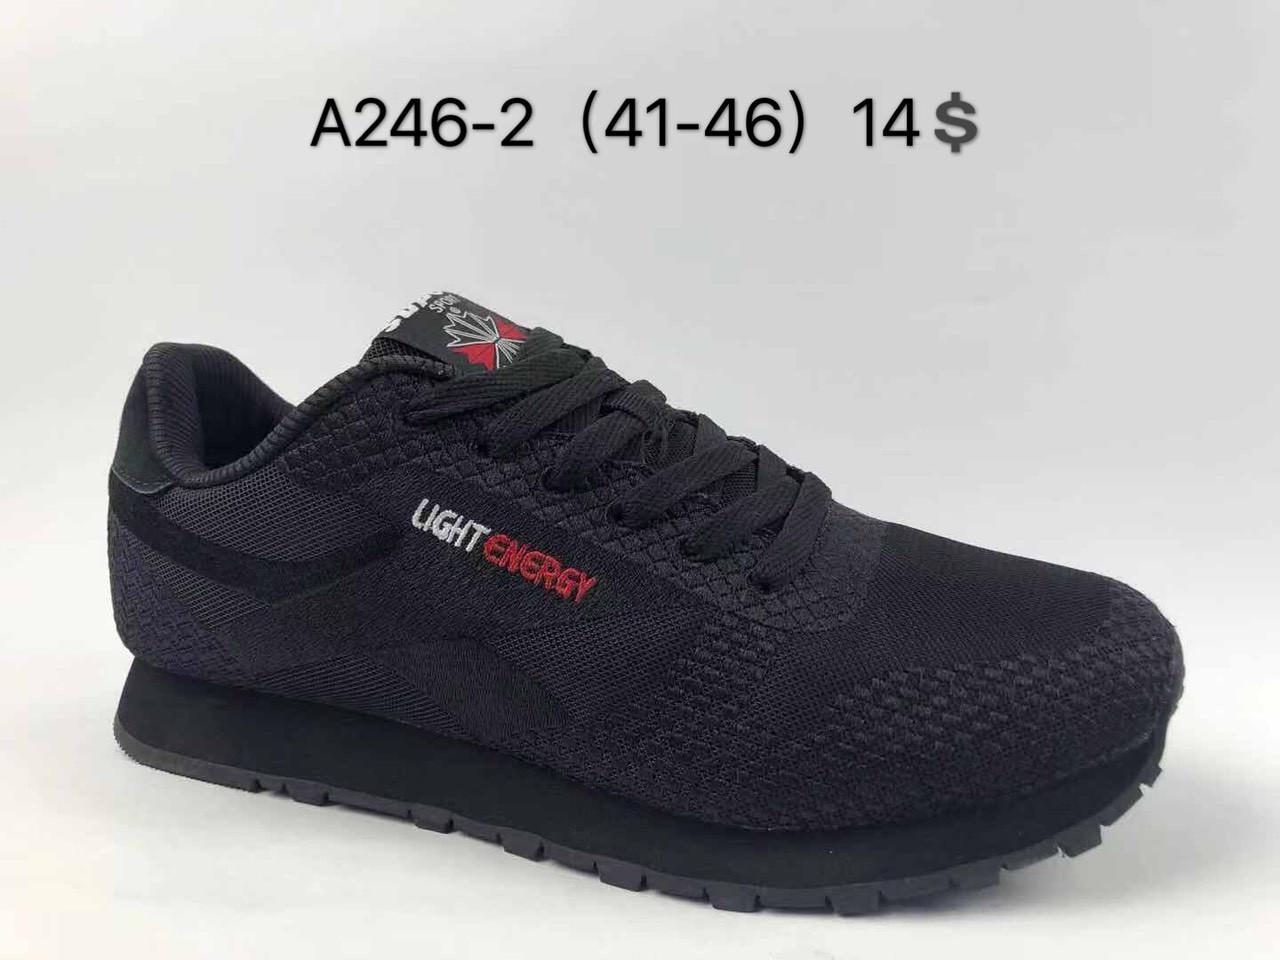 Мужские кроссовки Supo Light Energy оптом (41-46)